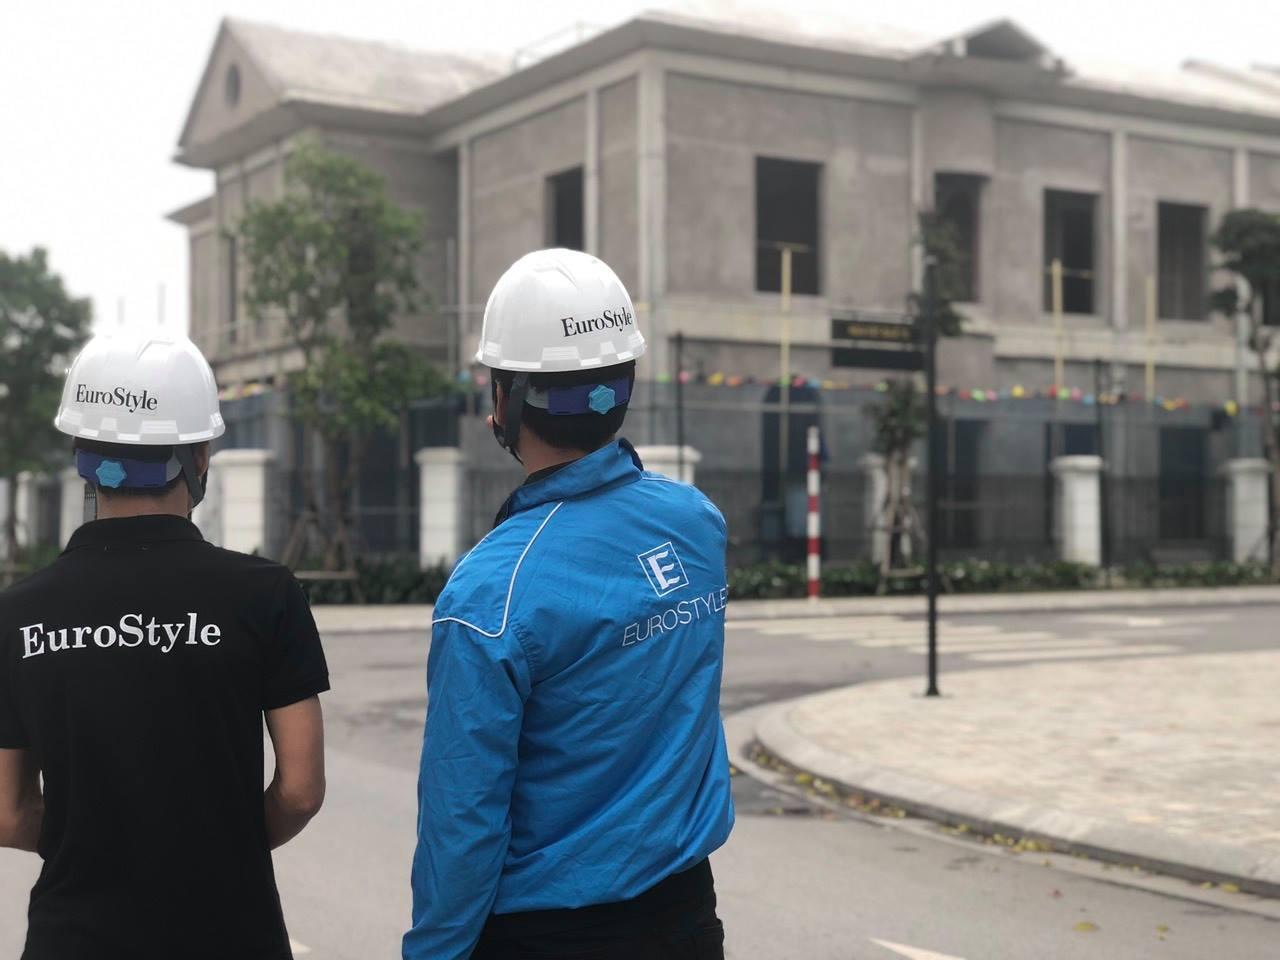 EuroStyle cung cấp dịch vụ trọn gói từ thiết kế tới thi công và hoàn thiện tổng thể